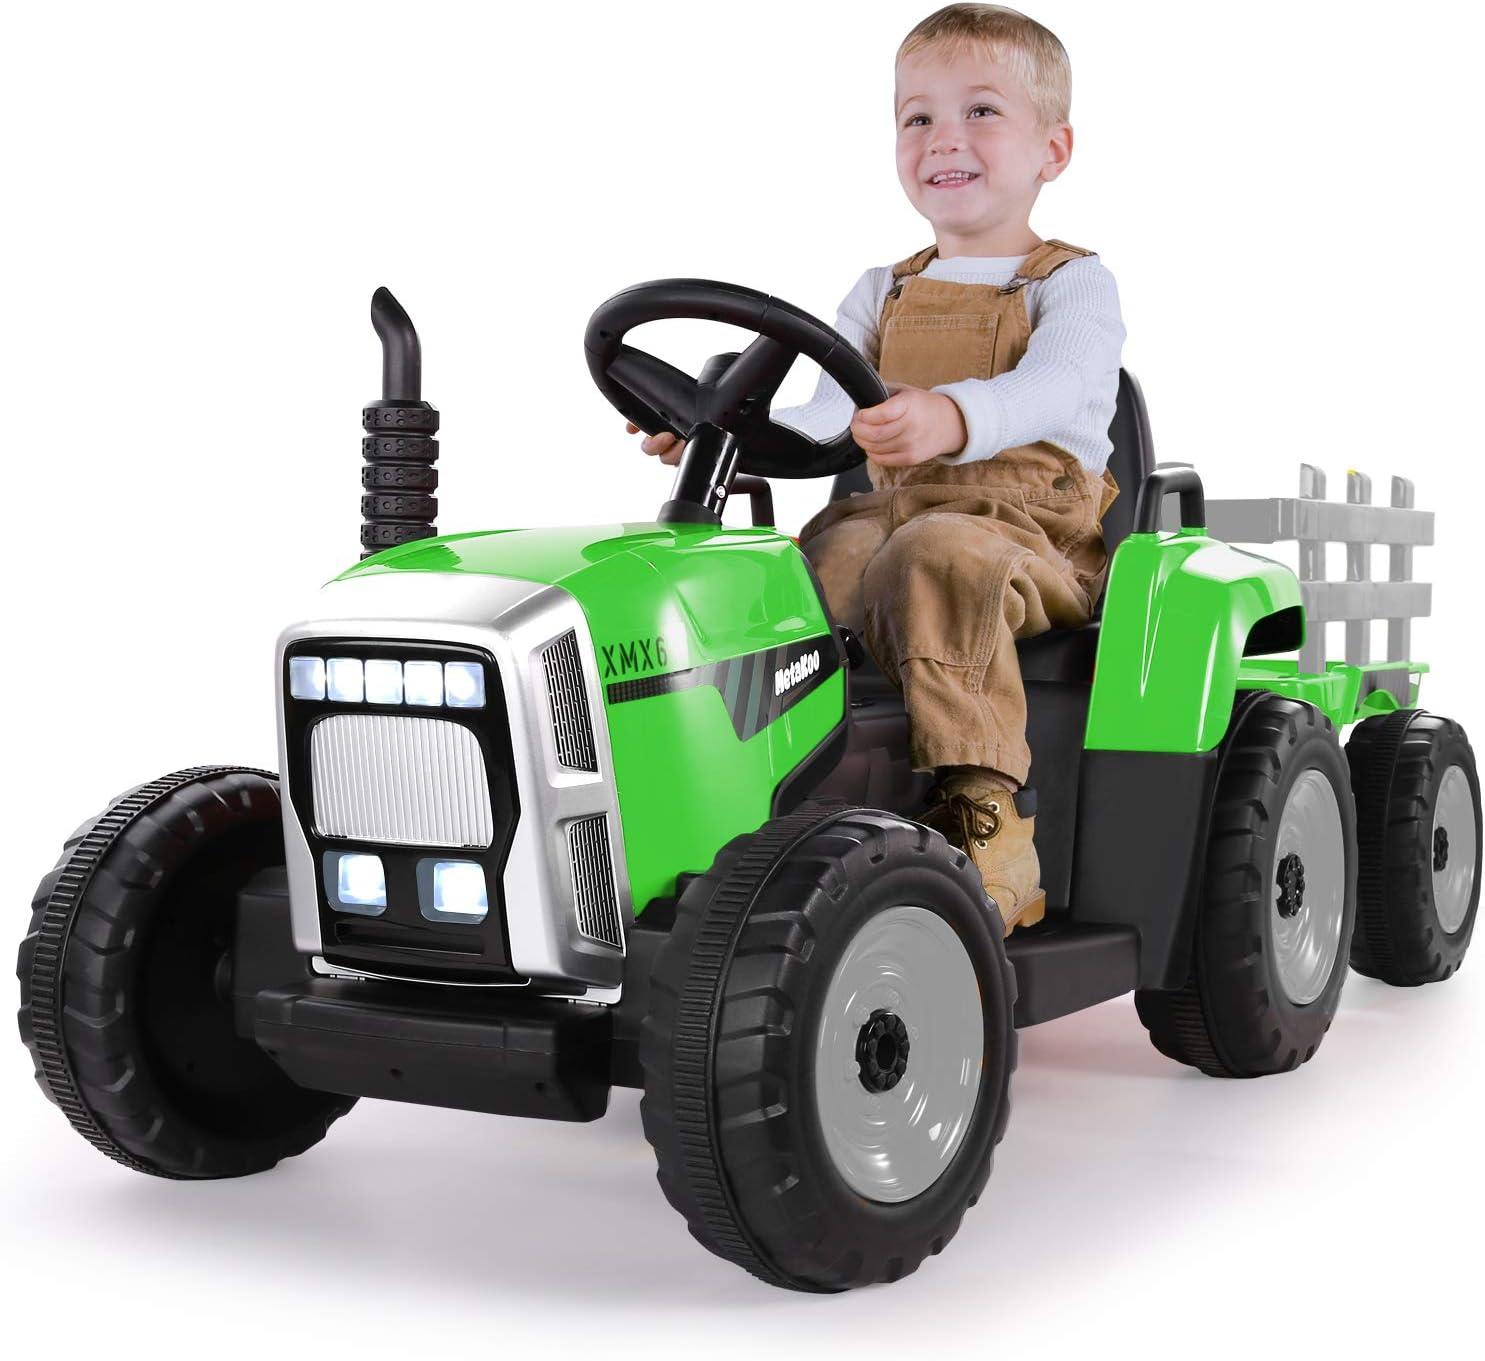 METAKOO Tractor Eléctrico 12V 7Ah 2+1 Cambio de Marchas, Tractor Juguete de Montar con Faro de 7 LED, Botón de Bocina/Reproductor MP3/ Bluetooth/Puerto USB/Control Remoto para Niño 3-8 años